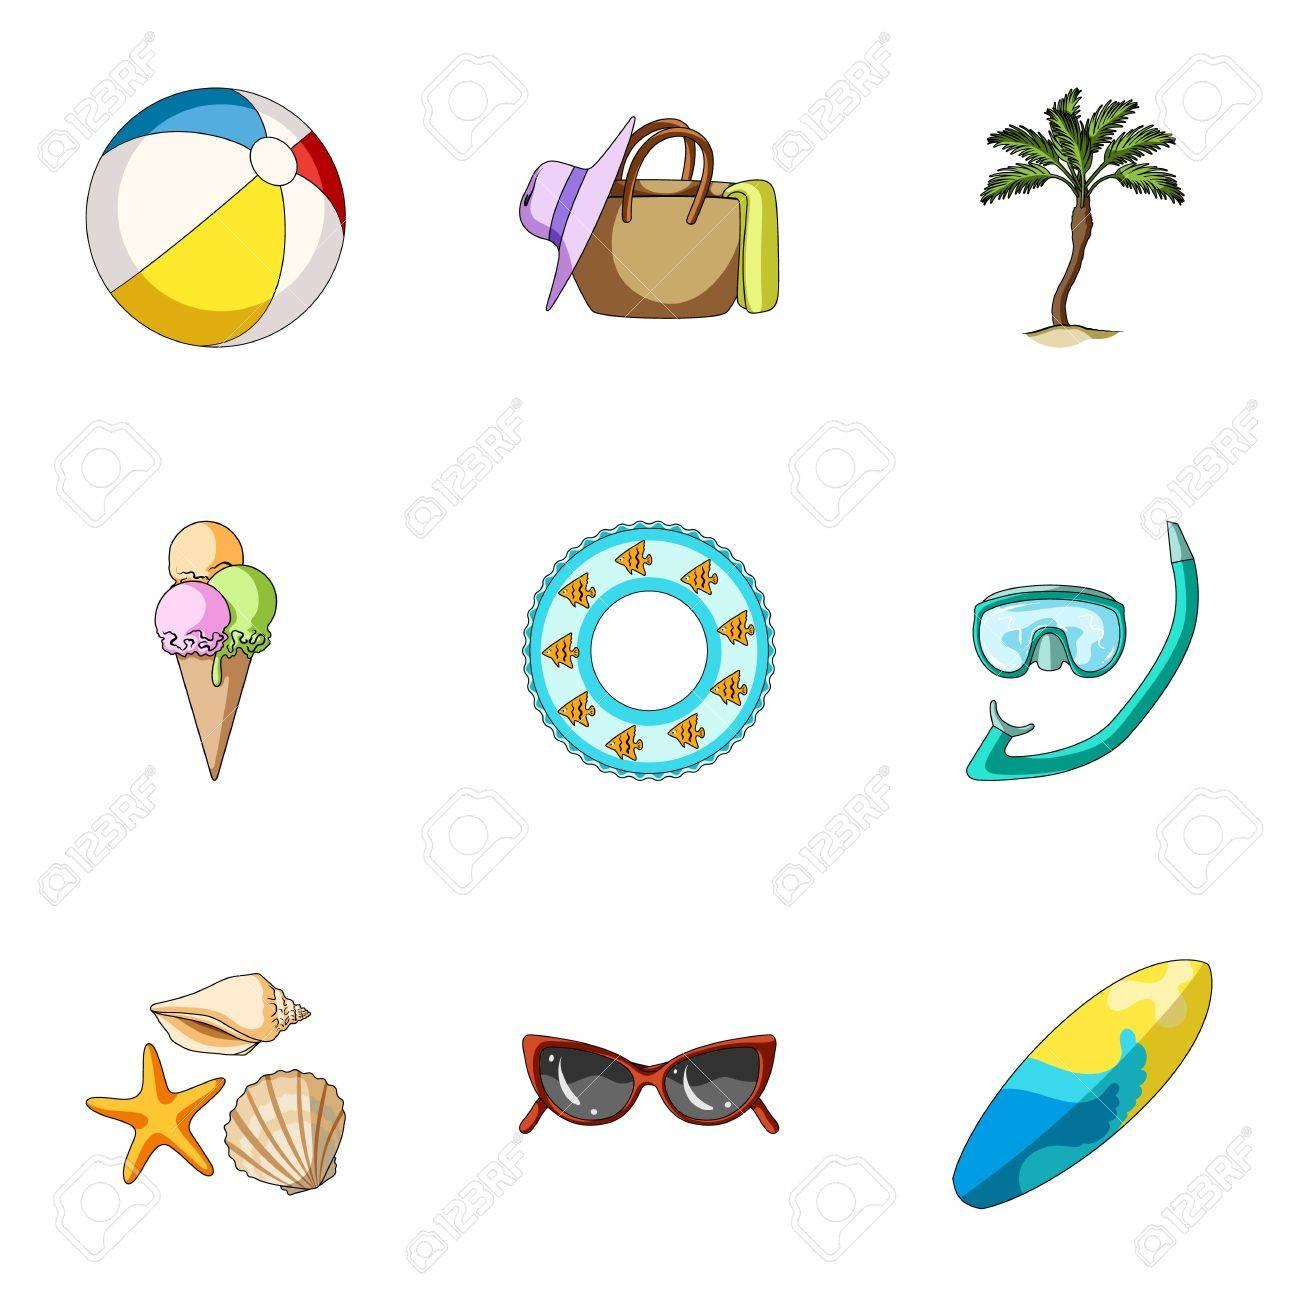 Plage Palmier Glace Summer Vacances Ensemble Collection Icônes Dans Le Dessin Animé Vecteur Symbole Stock Illustration Web